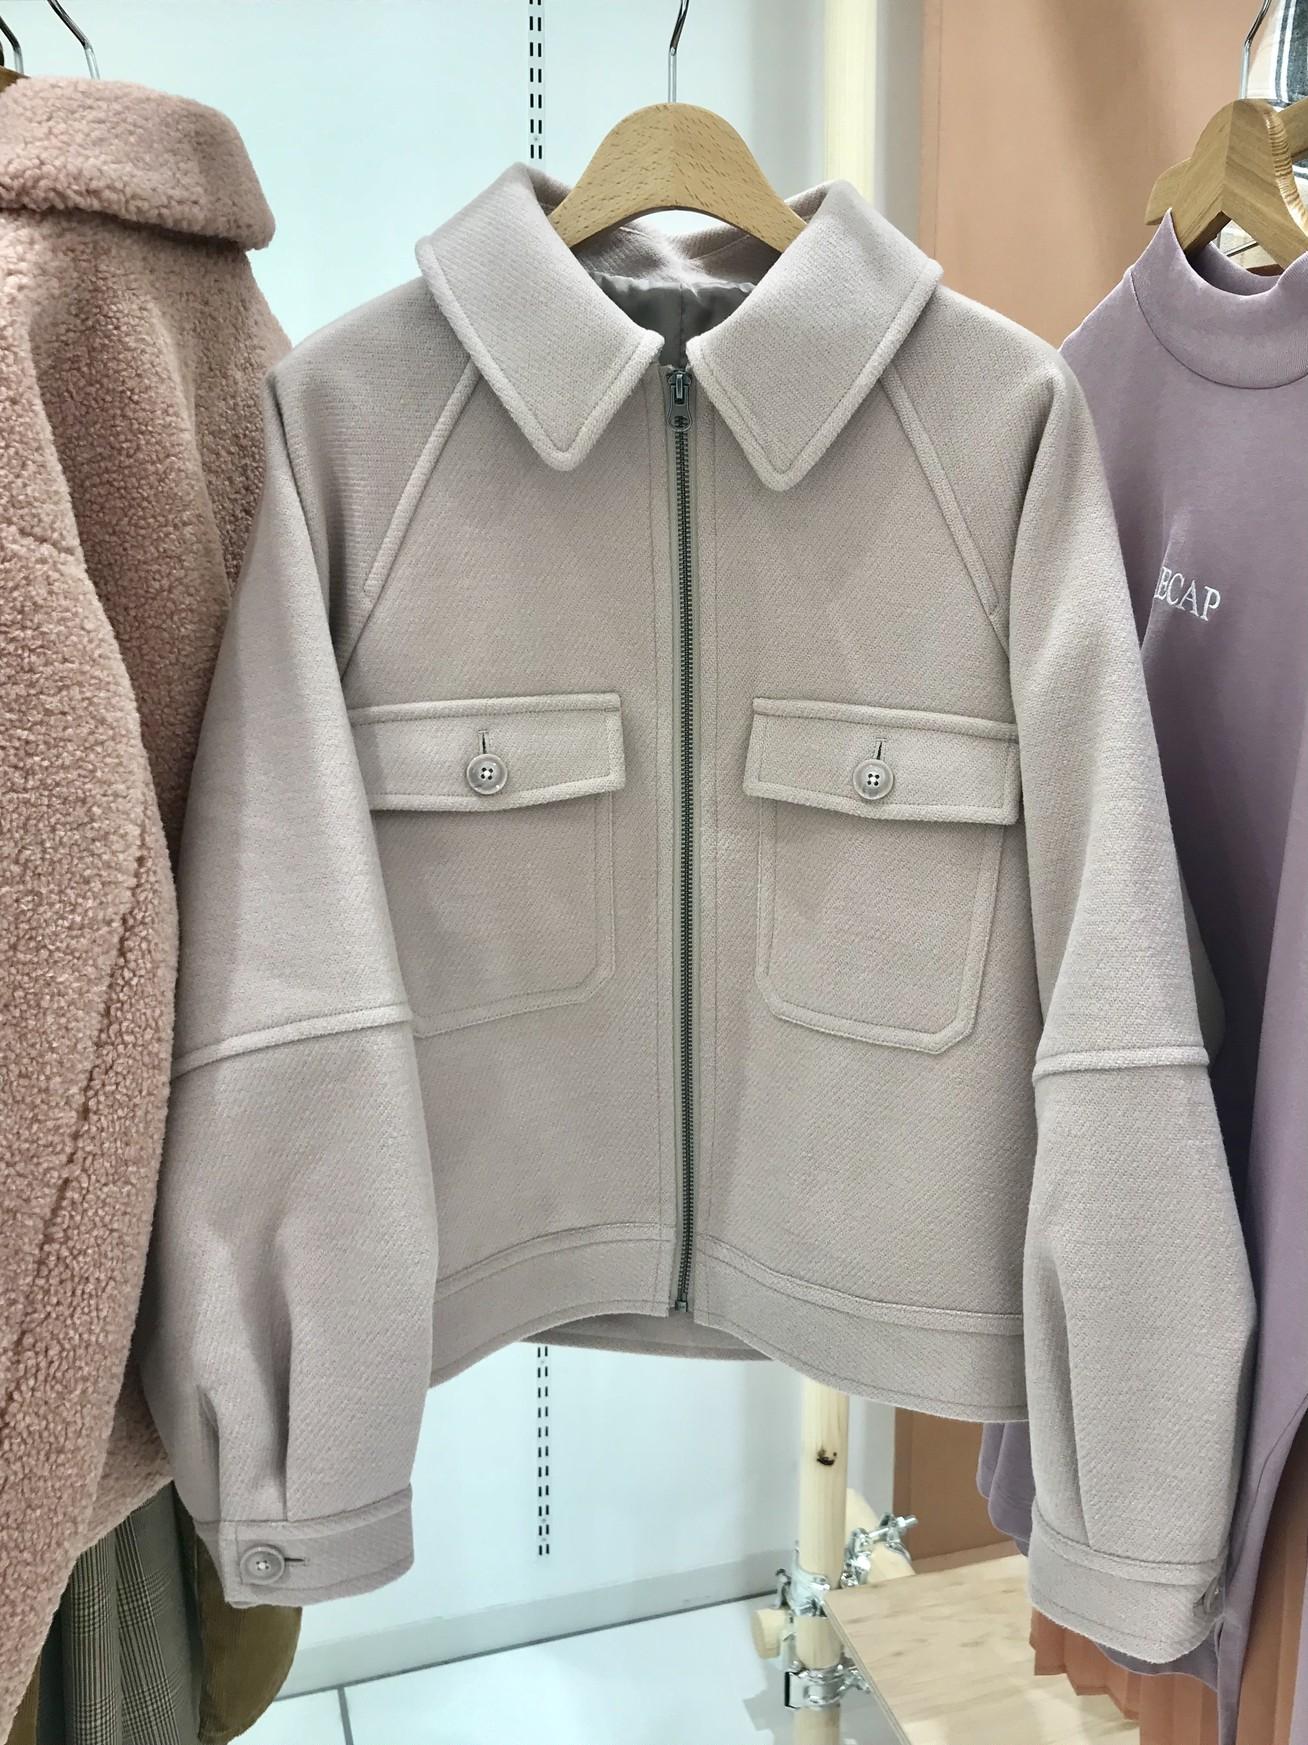 2019秋→冬は中間ライトアウターを買え【GU(ジーユー)】のCPOジャケットで30代女子があか抜けるコーデのコツ_2_3